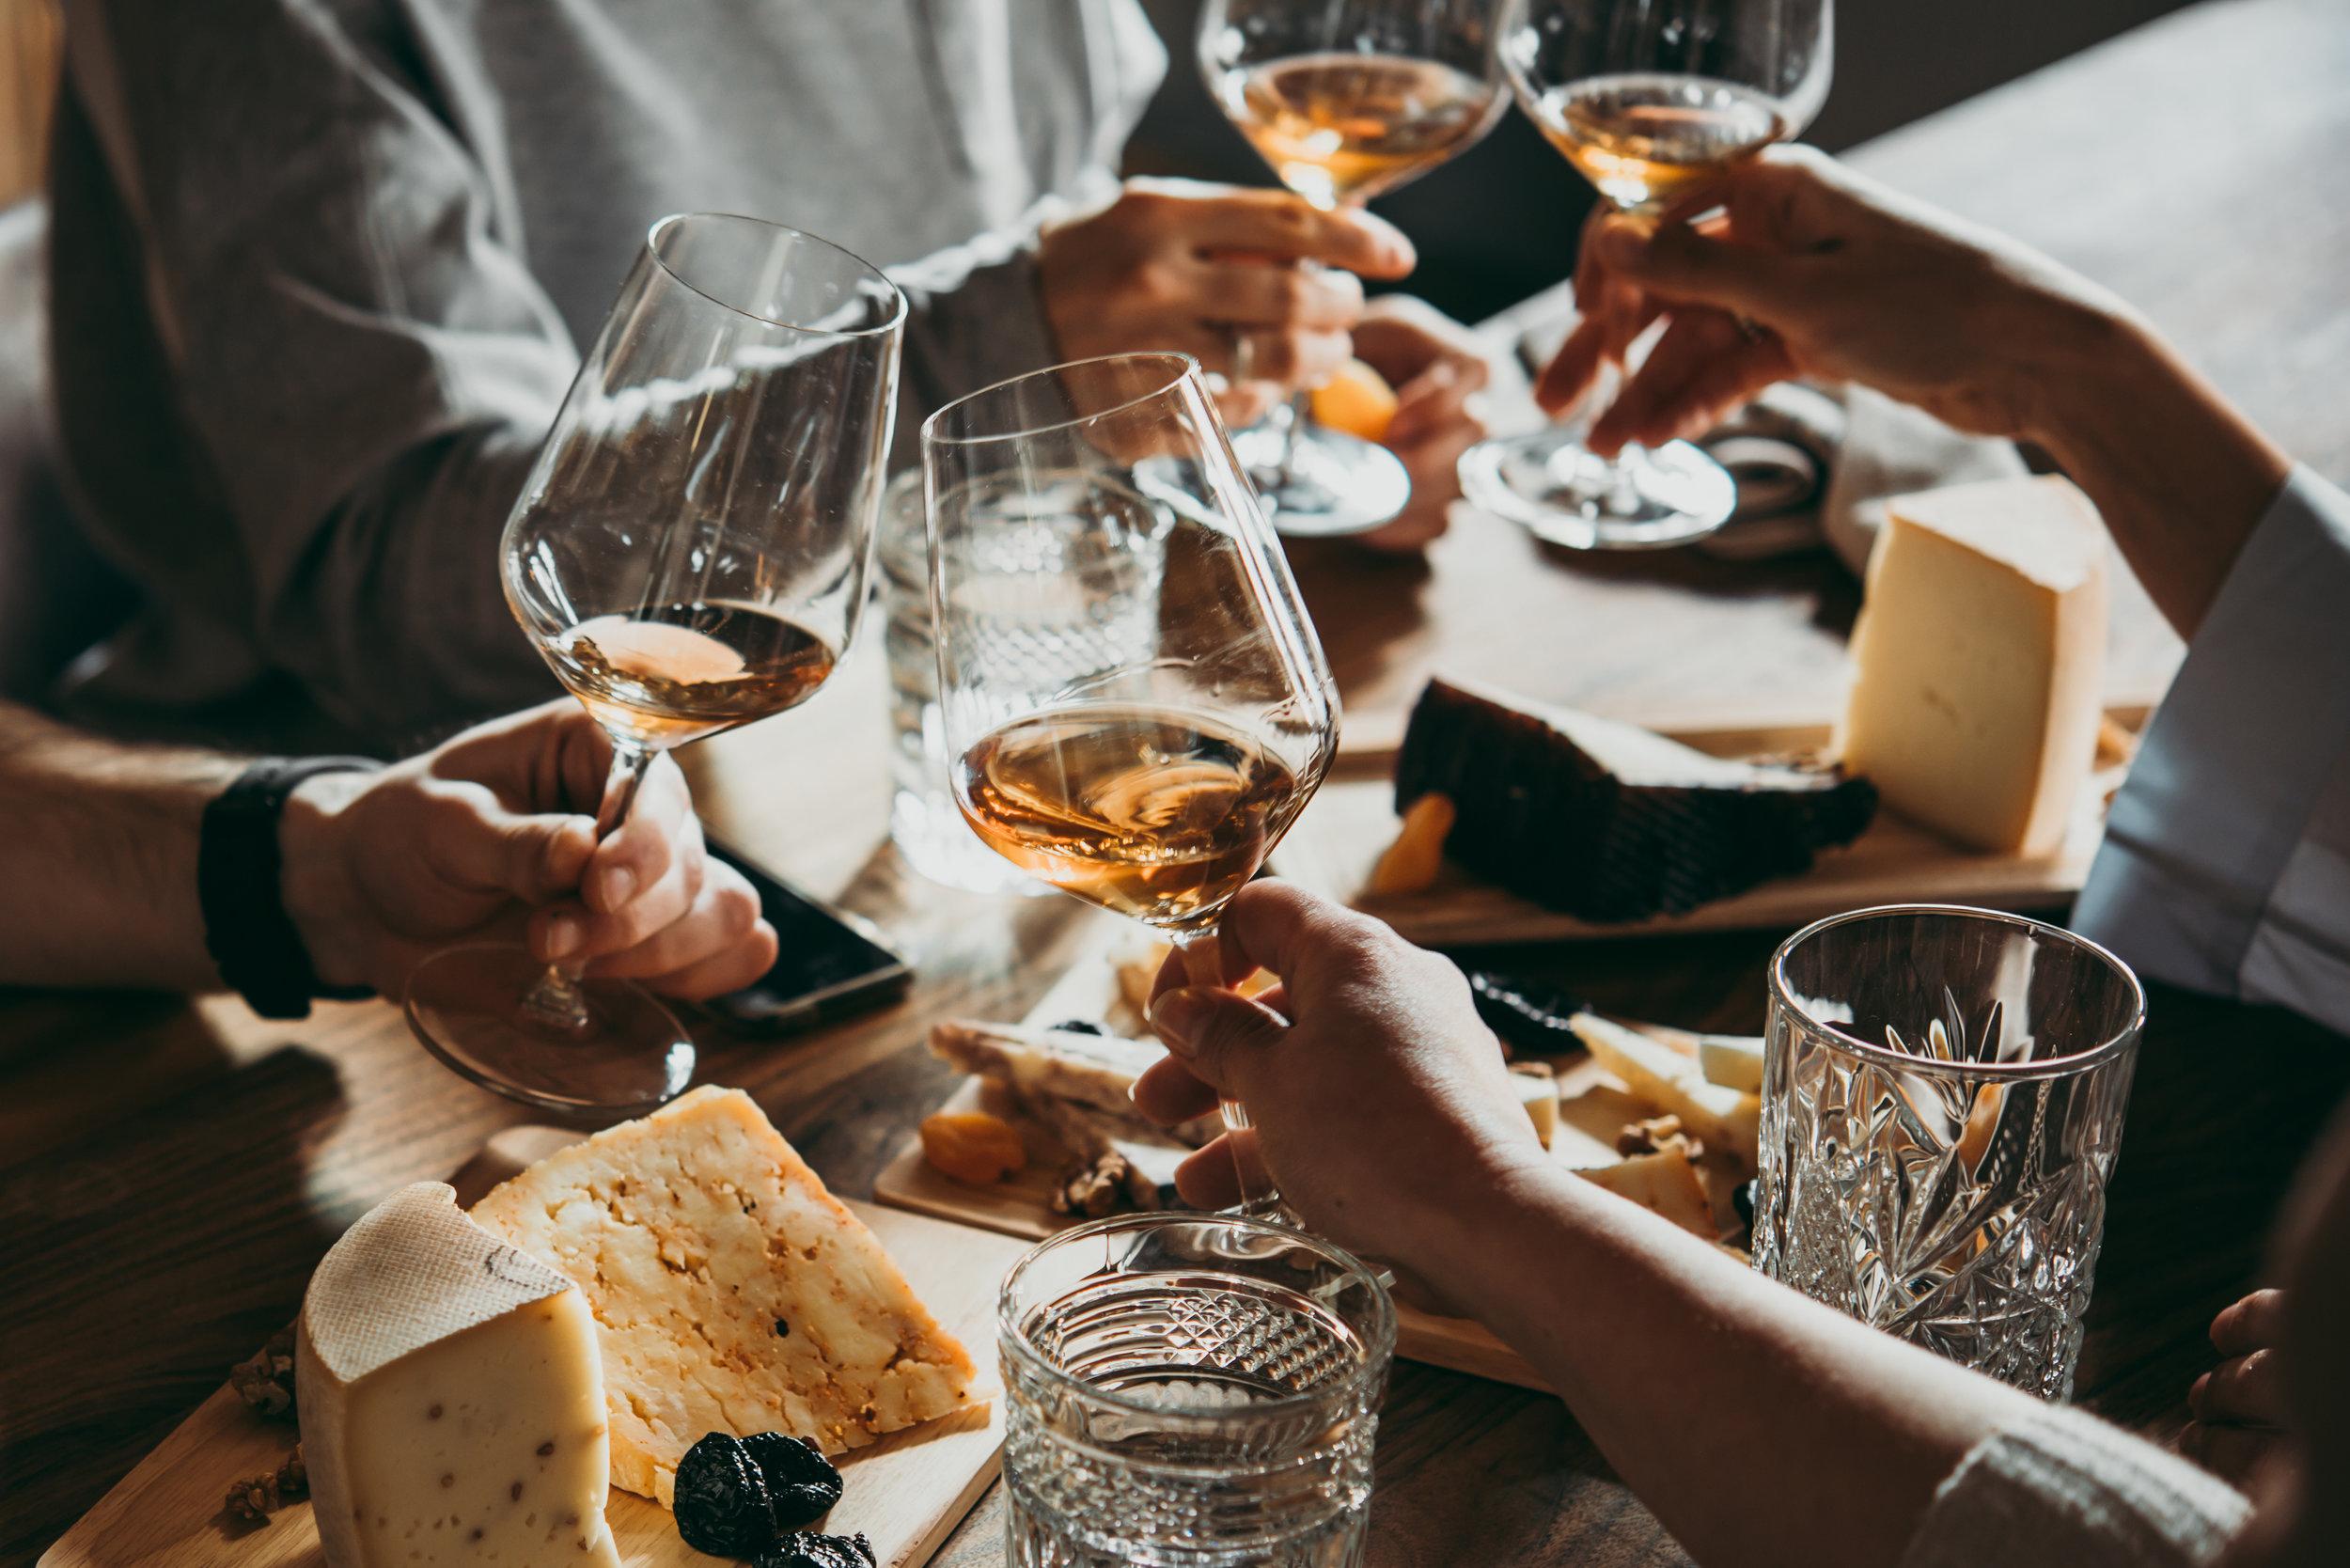 wine dinner image.jpeg